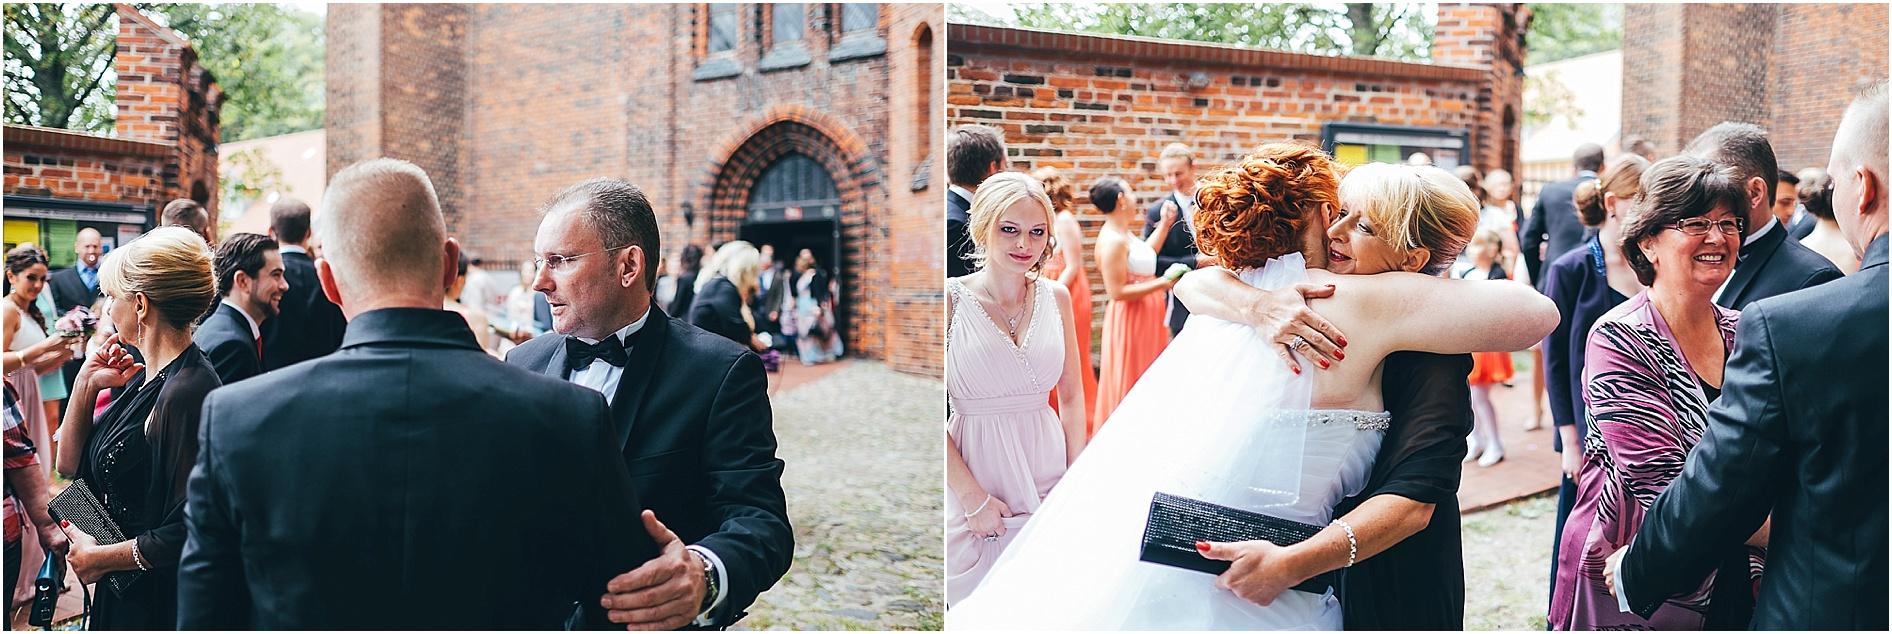 2014-11-20_0044 Lora & Daniel - Als Hochzeitsfotograf in Lüneburg